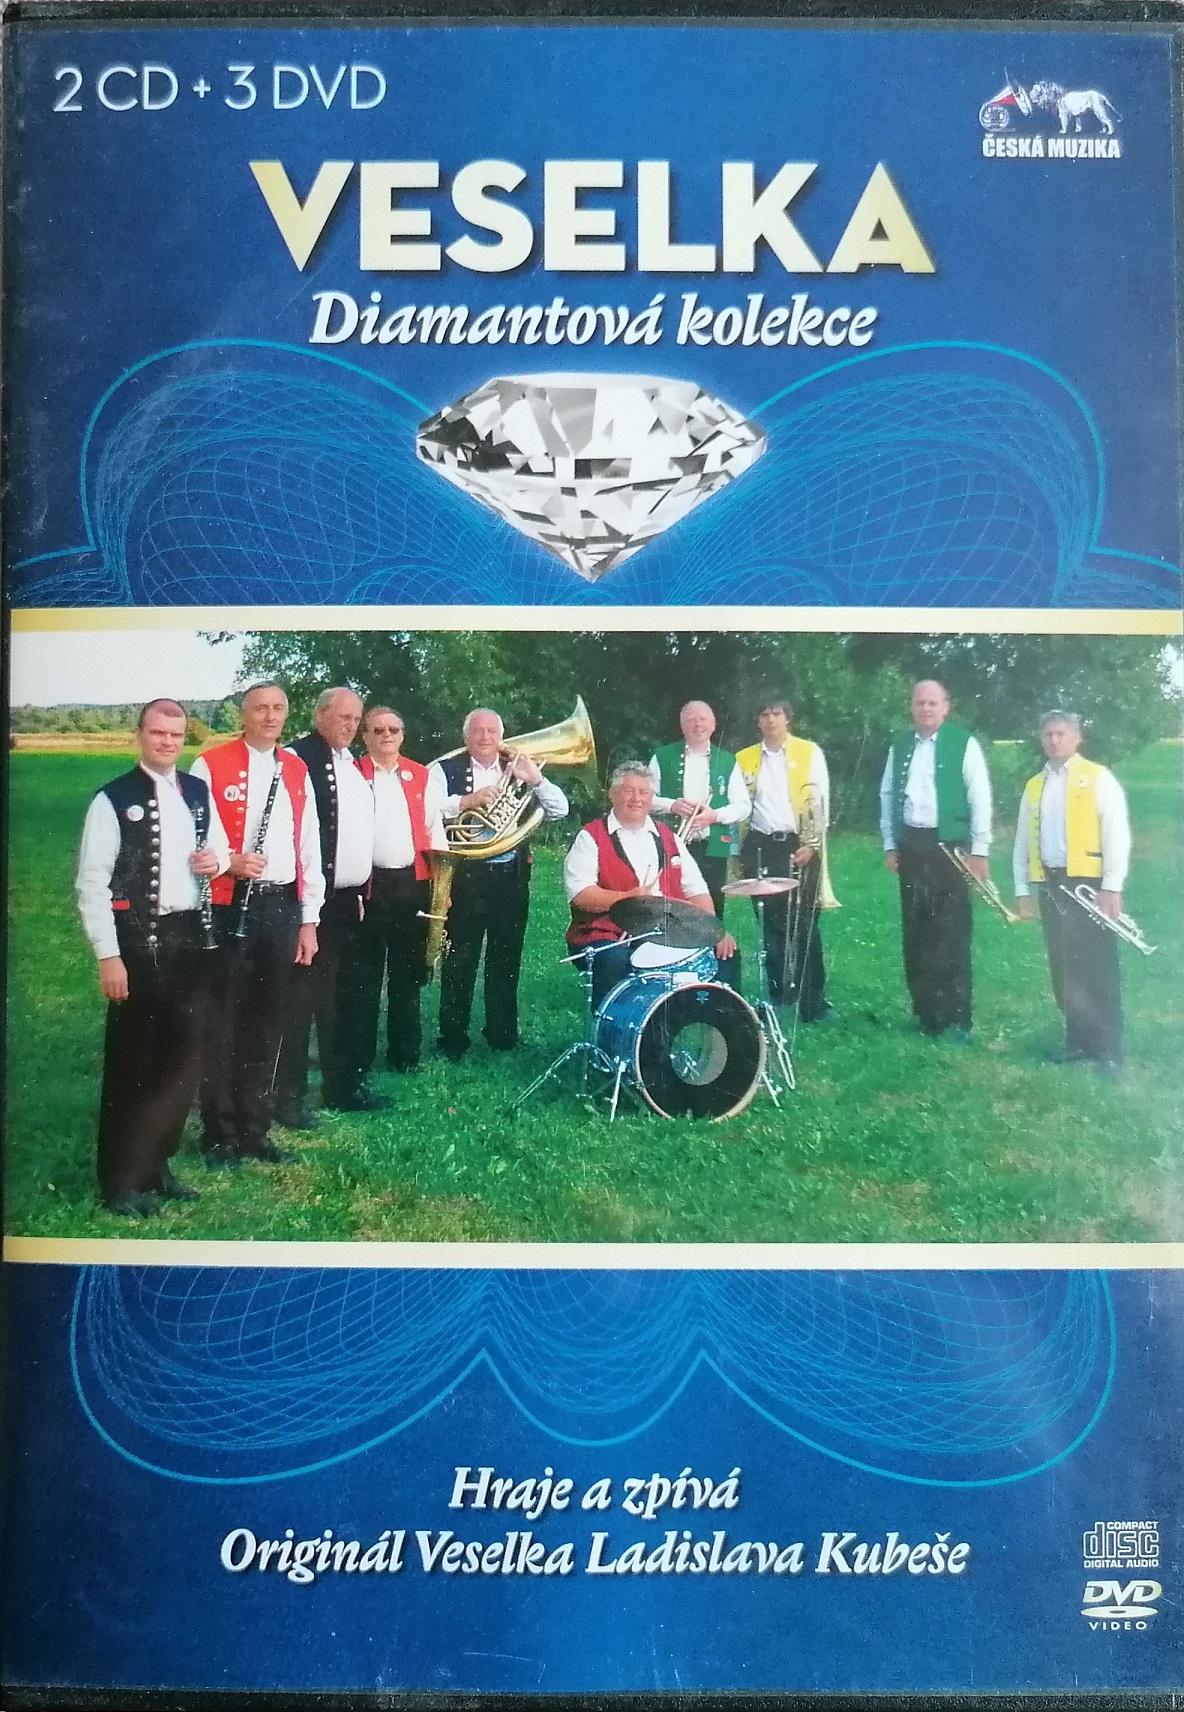 Veselka - Diamantová kolekce - 2CD +3DVD